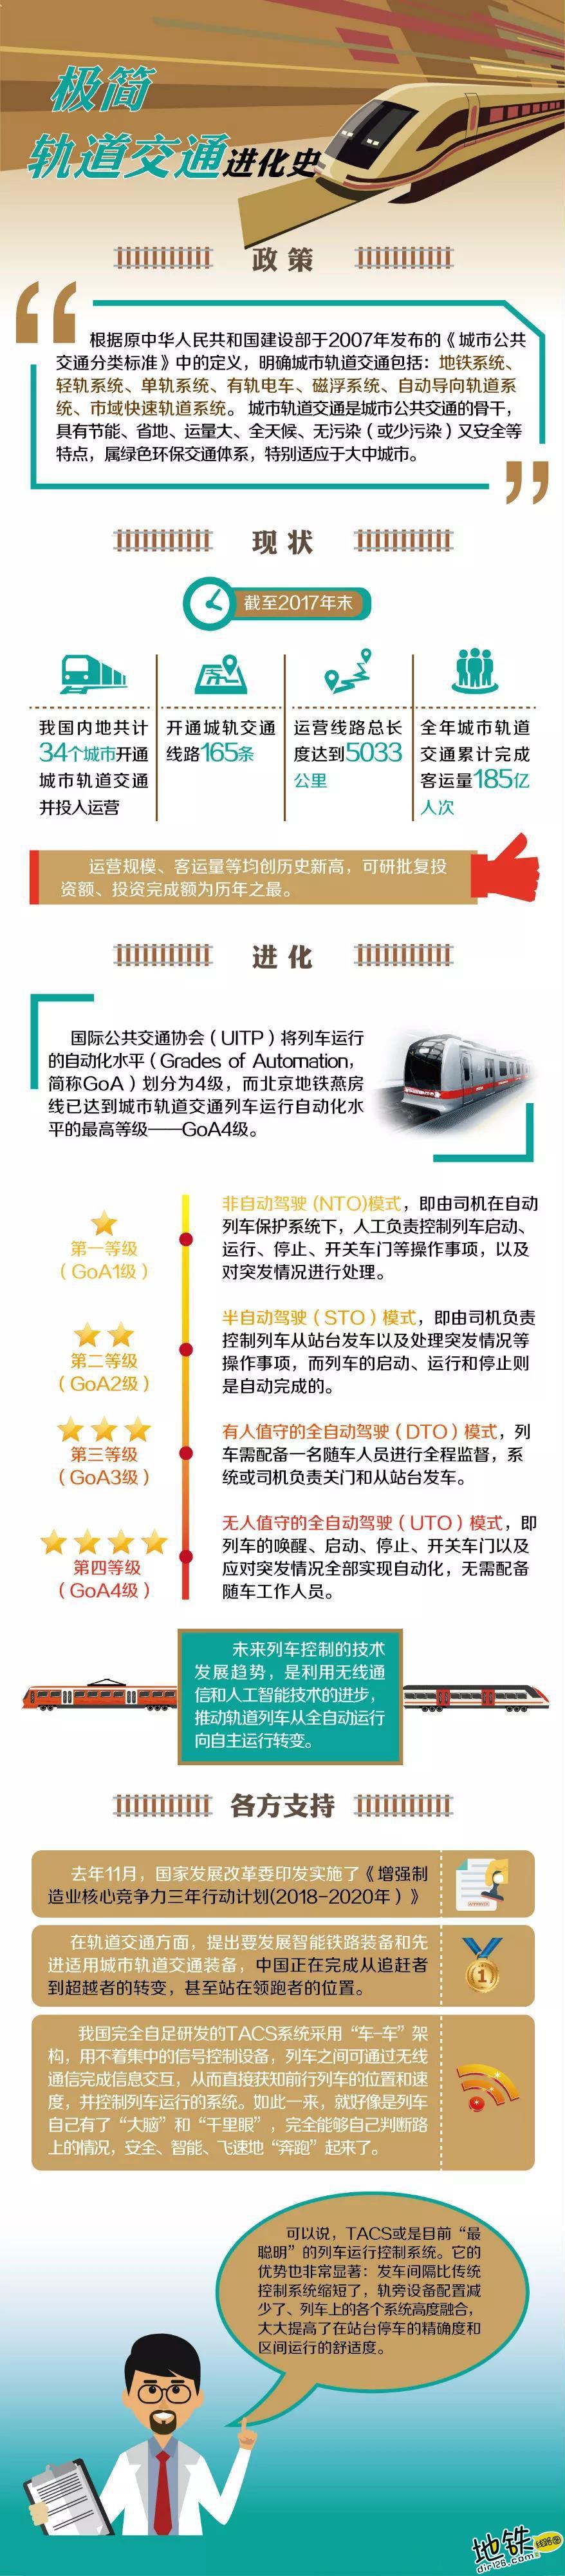 地铁列车自主运行地铁来了,青岛6号线! 中国智造 中国制造 TACS 自主驾驶 青岛 地铁 轨道动态  第2张